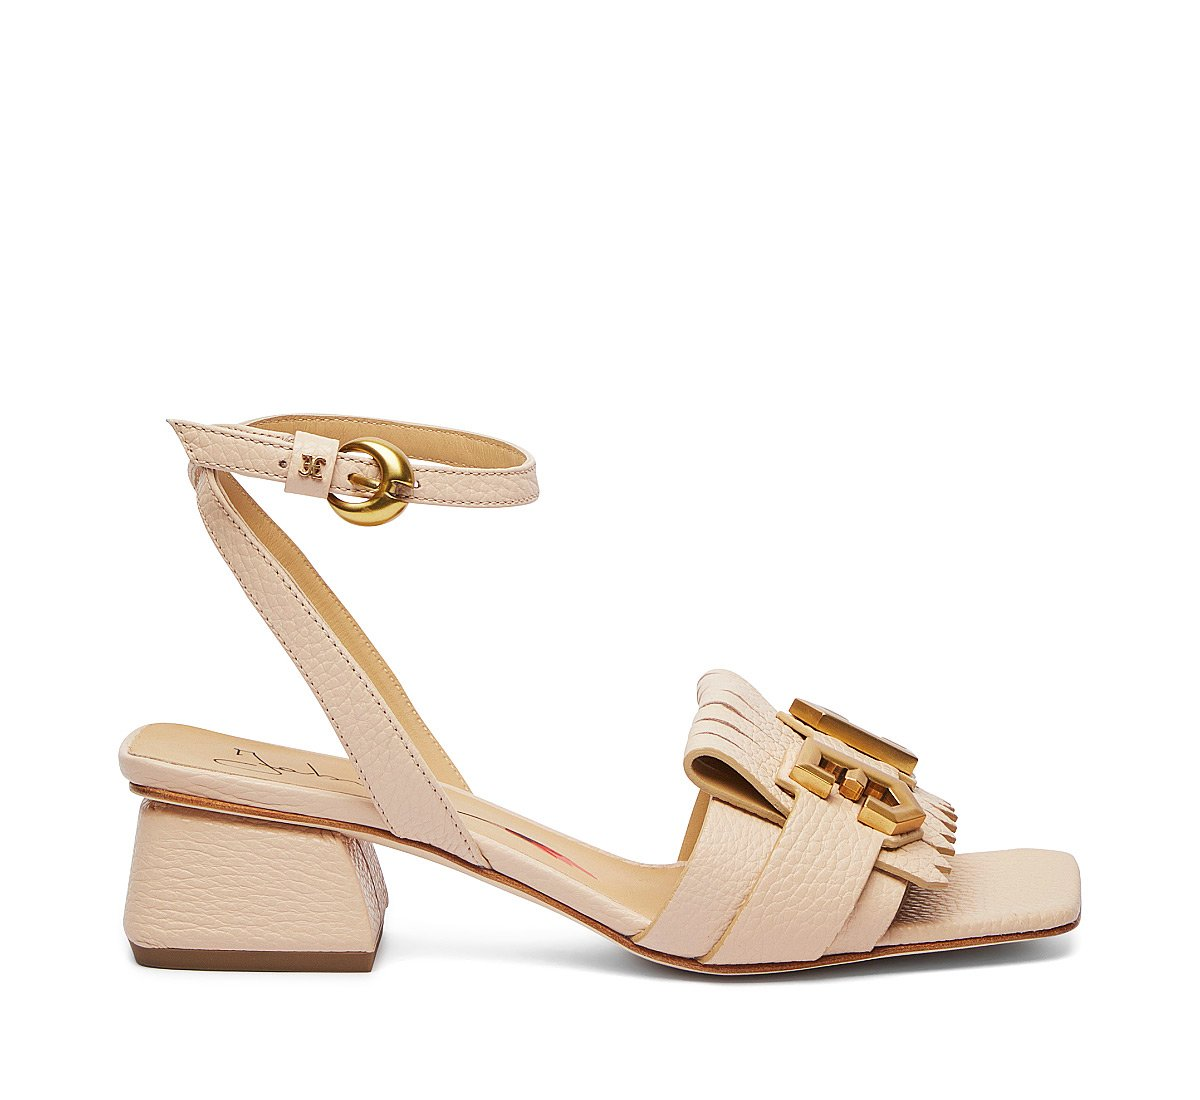 Sandals in exquisite calfskin